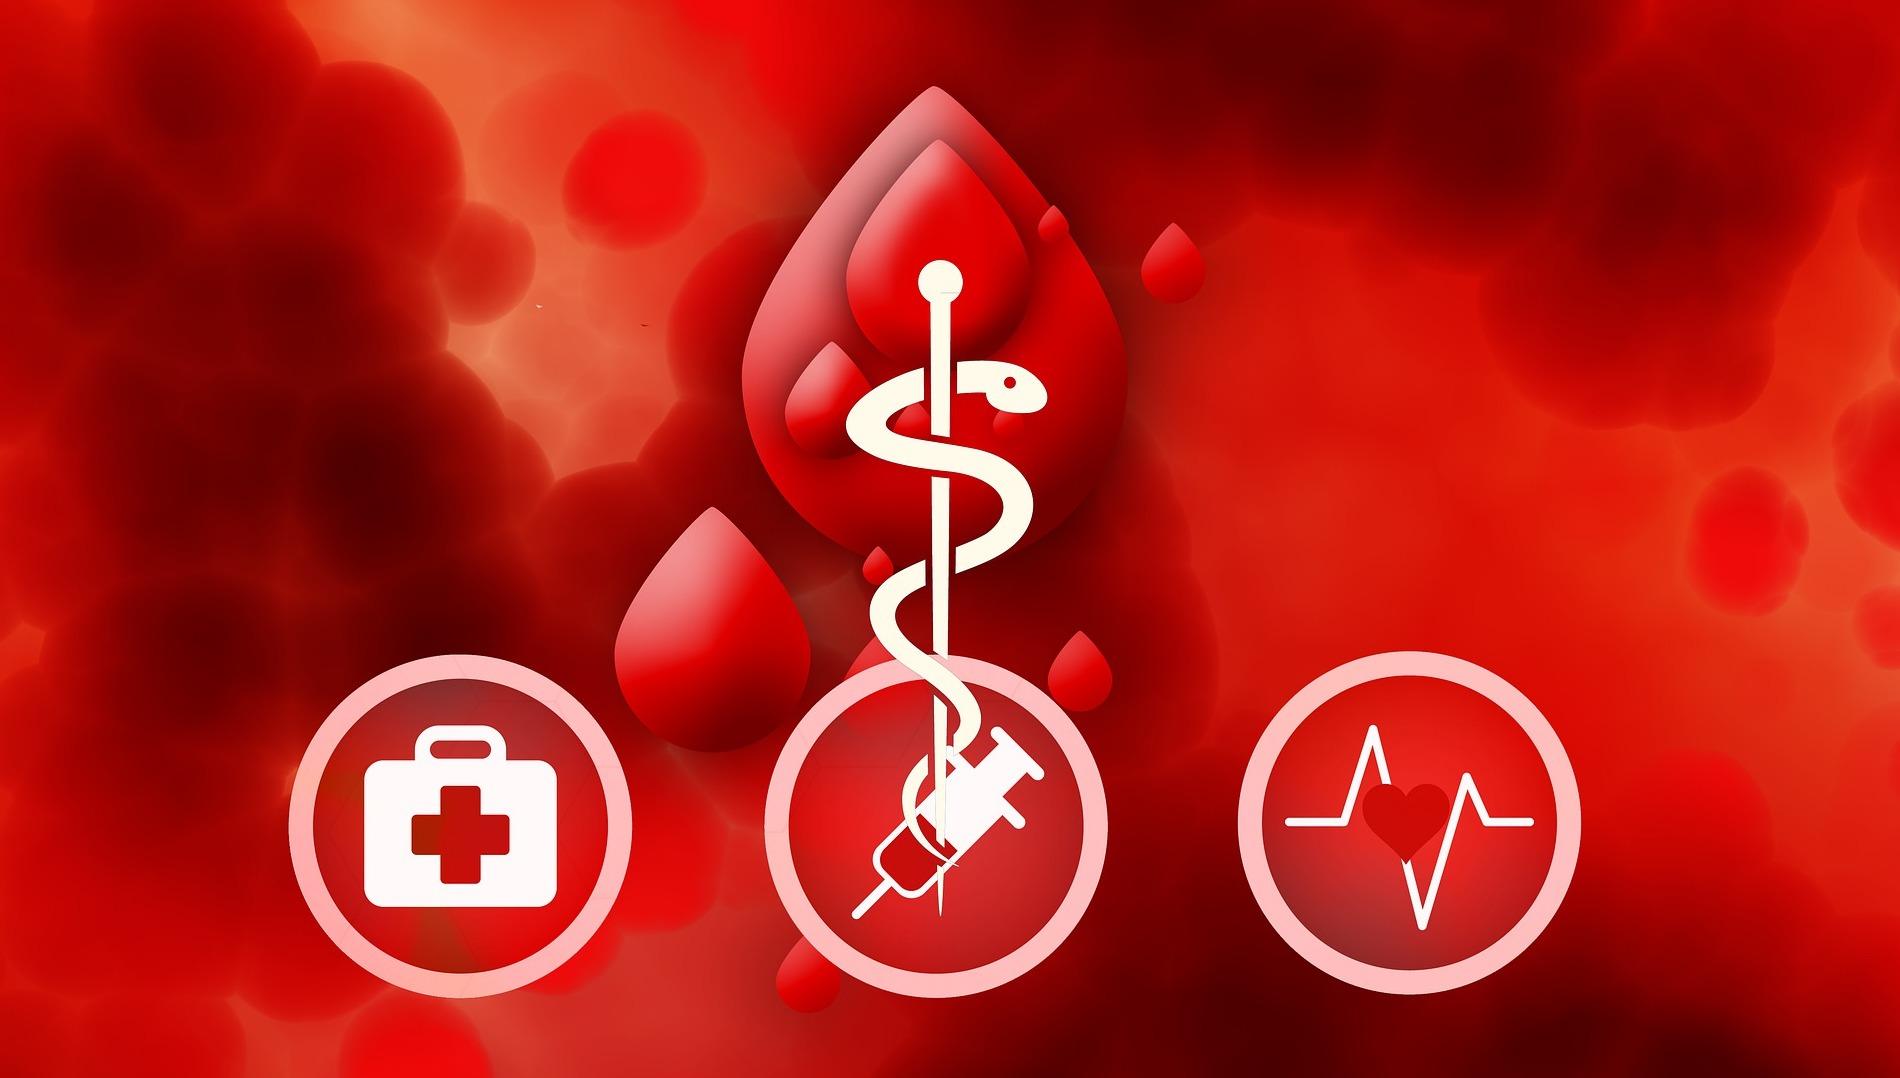 Mehrere Symbole (Erste-Hilfe-Koffer, Aeskulapstab, Spritze, Herzfrequenz) vor roten Blutstropfen